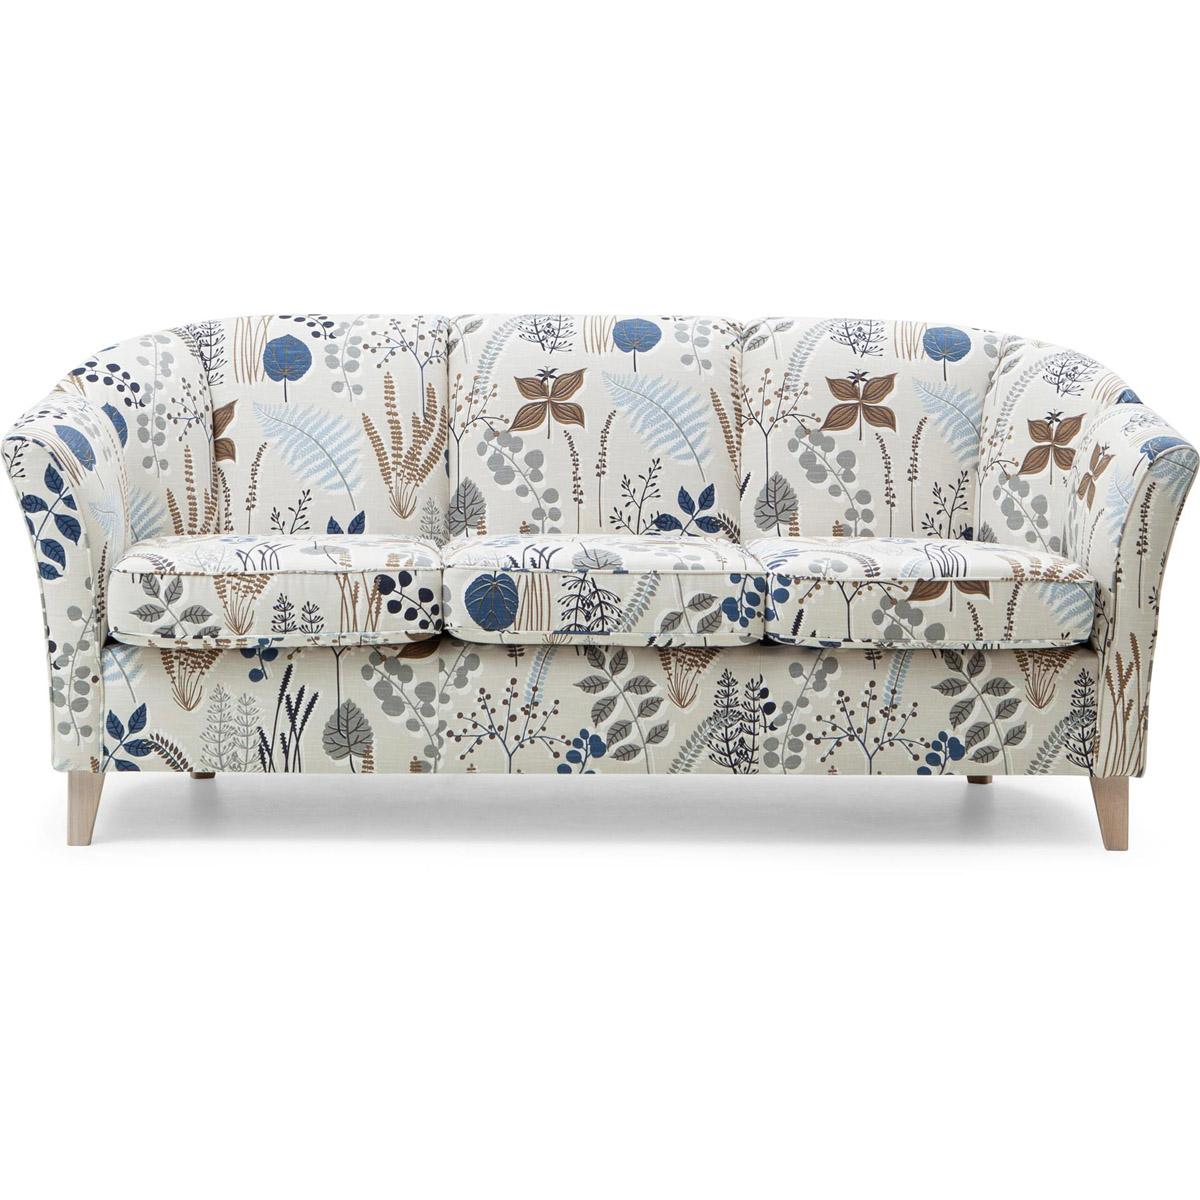 Ekerö soffa 3-sits botanik blue